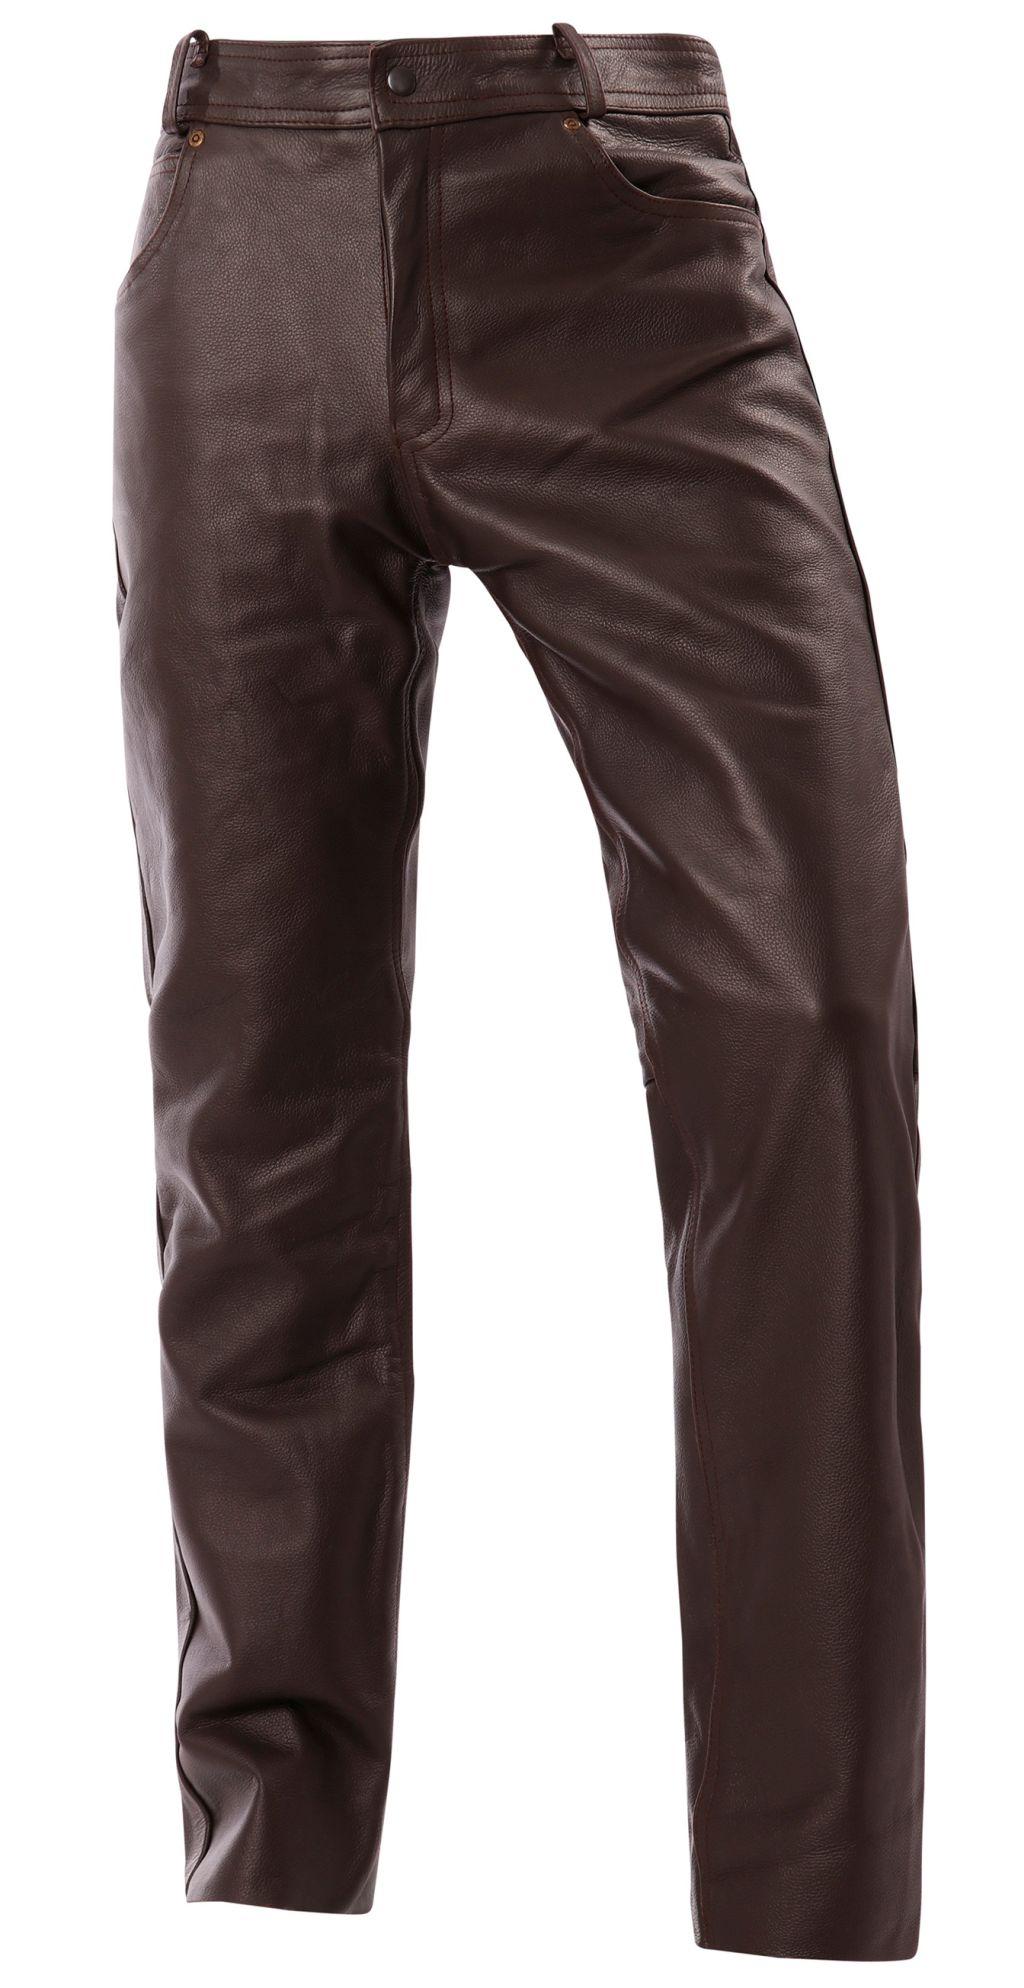 Lederjeans Jeans Leder Hose Braun Lederjeans Gr.29 - 34 NEU